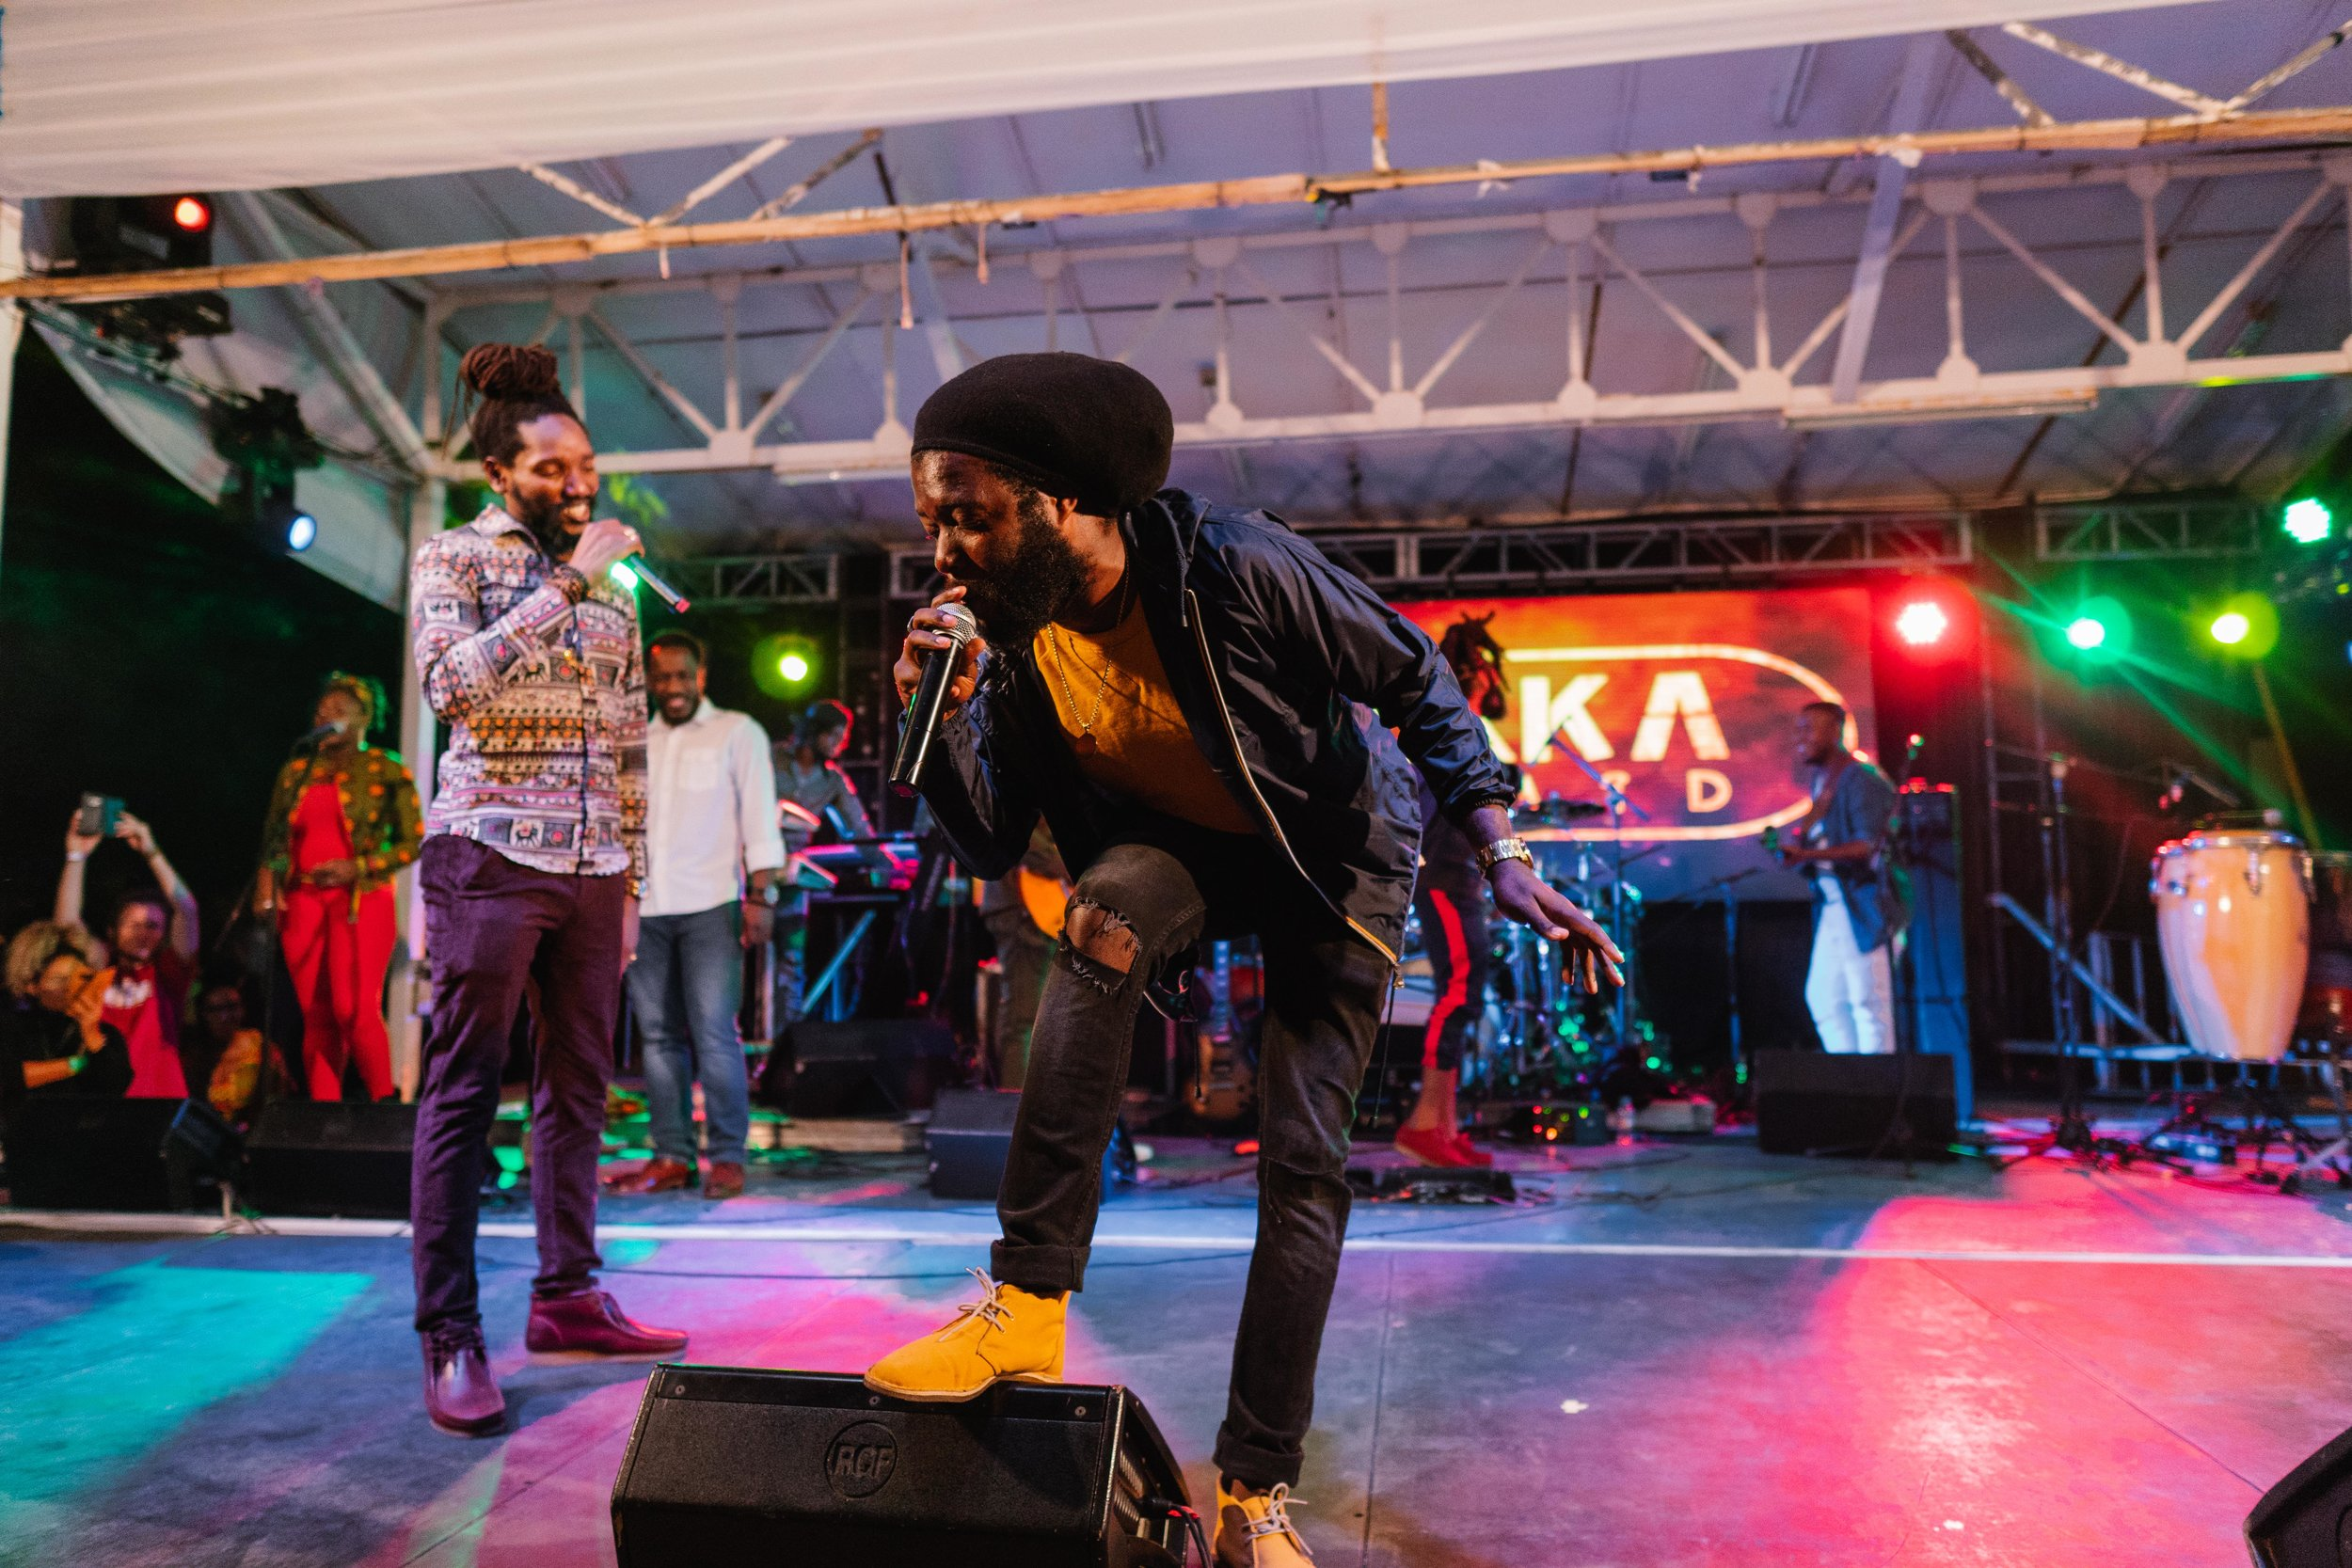 Kabaka pyramid live 2018-08412.jpg